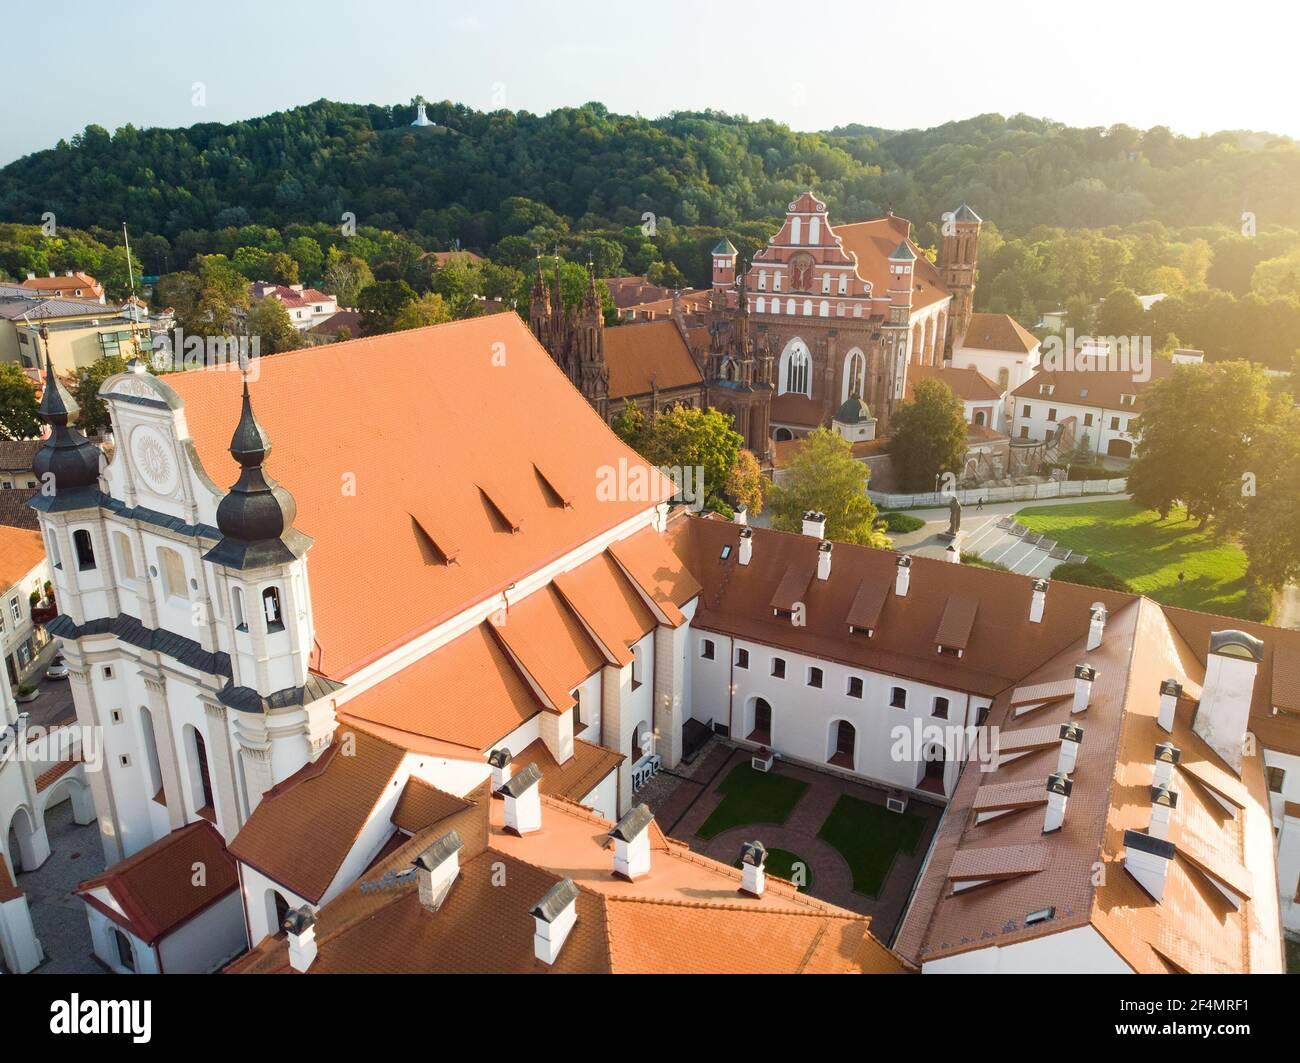 Vista aérea del casco antiguo de Vilnius, una de las ciudades medievales más grandes del norte de Europa. Paisaje veraniego del casco antiguo de la ciudad, inscrito en la UNESCO Foto de stock